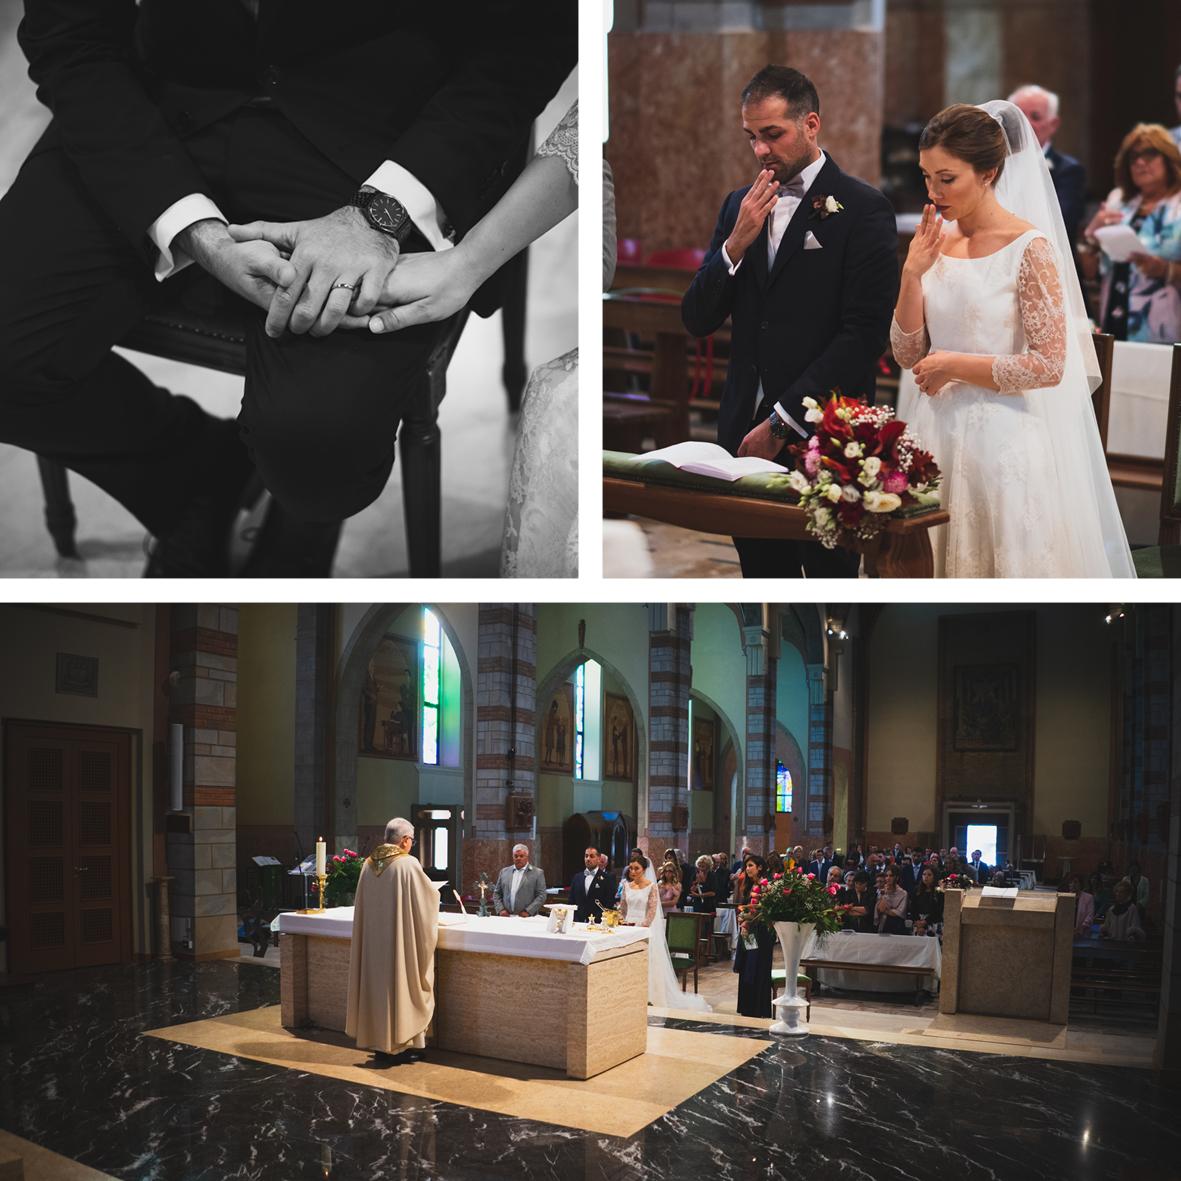 Fotografo matrimonio Brescia reportage di matrimonio Federico Rongaroli18